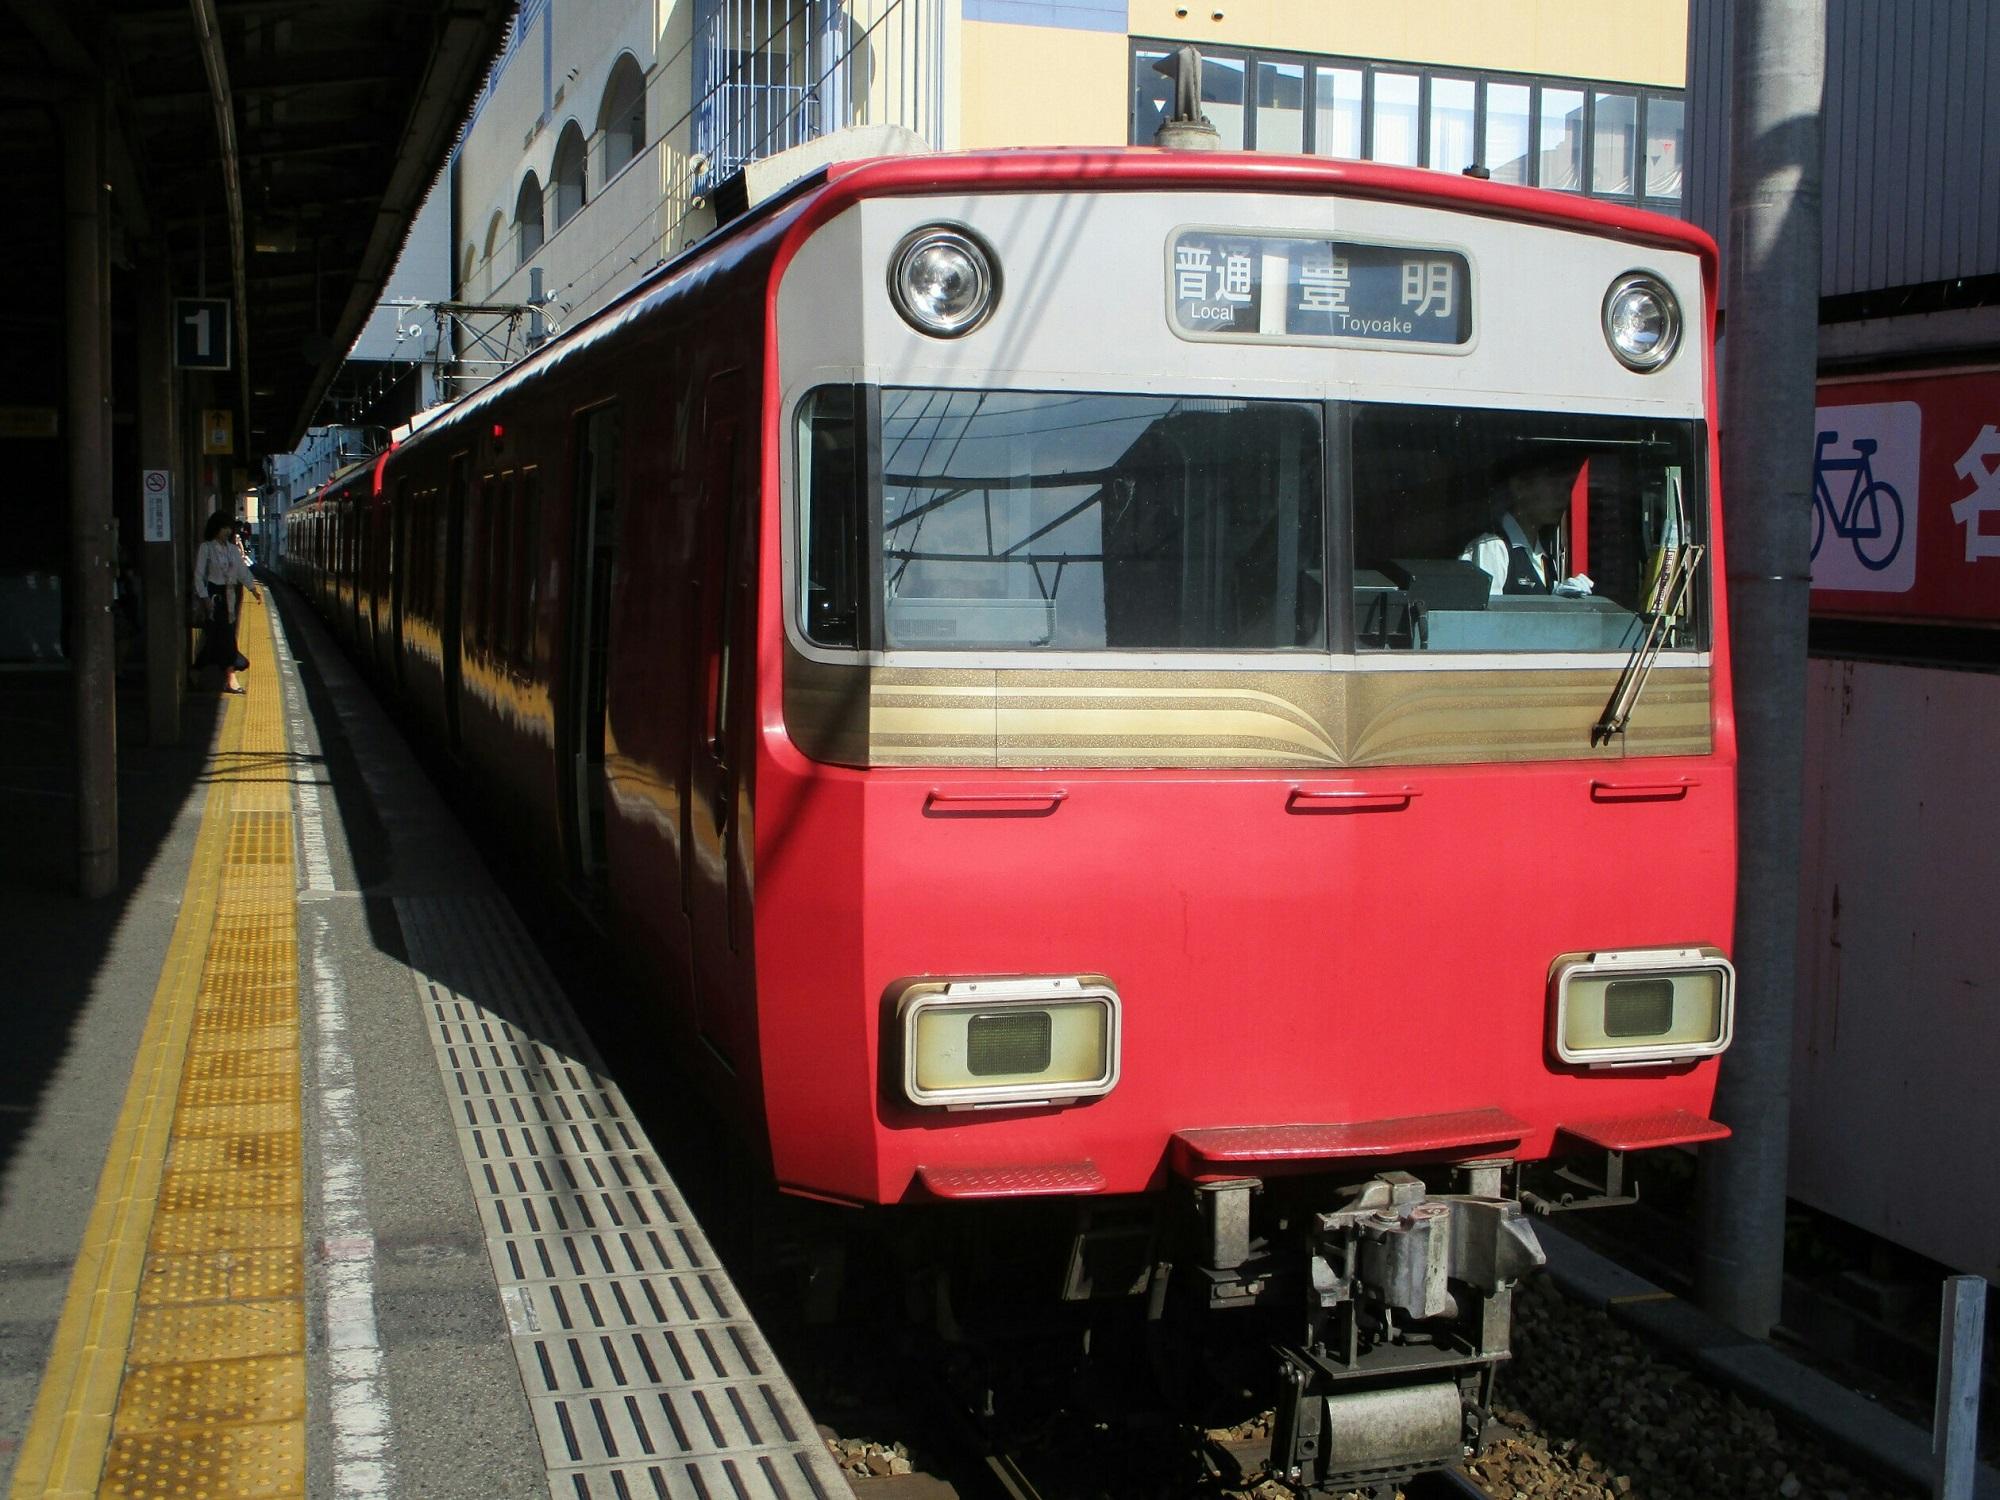 2019.6.5 (40) 東岡崎 - 豊明いきふつう 2000-1500